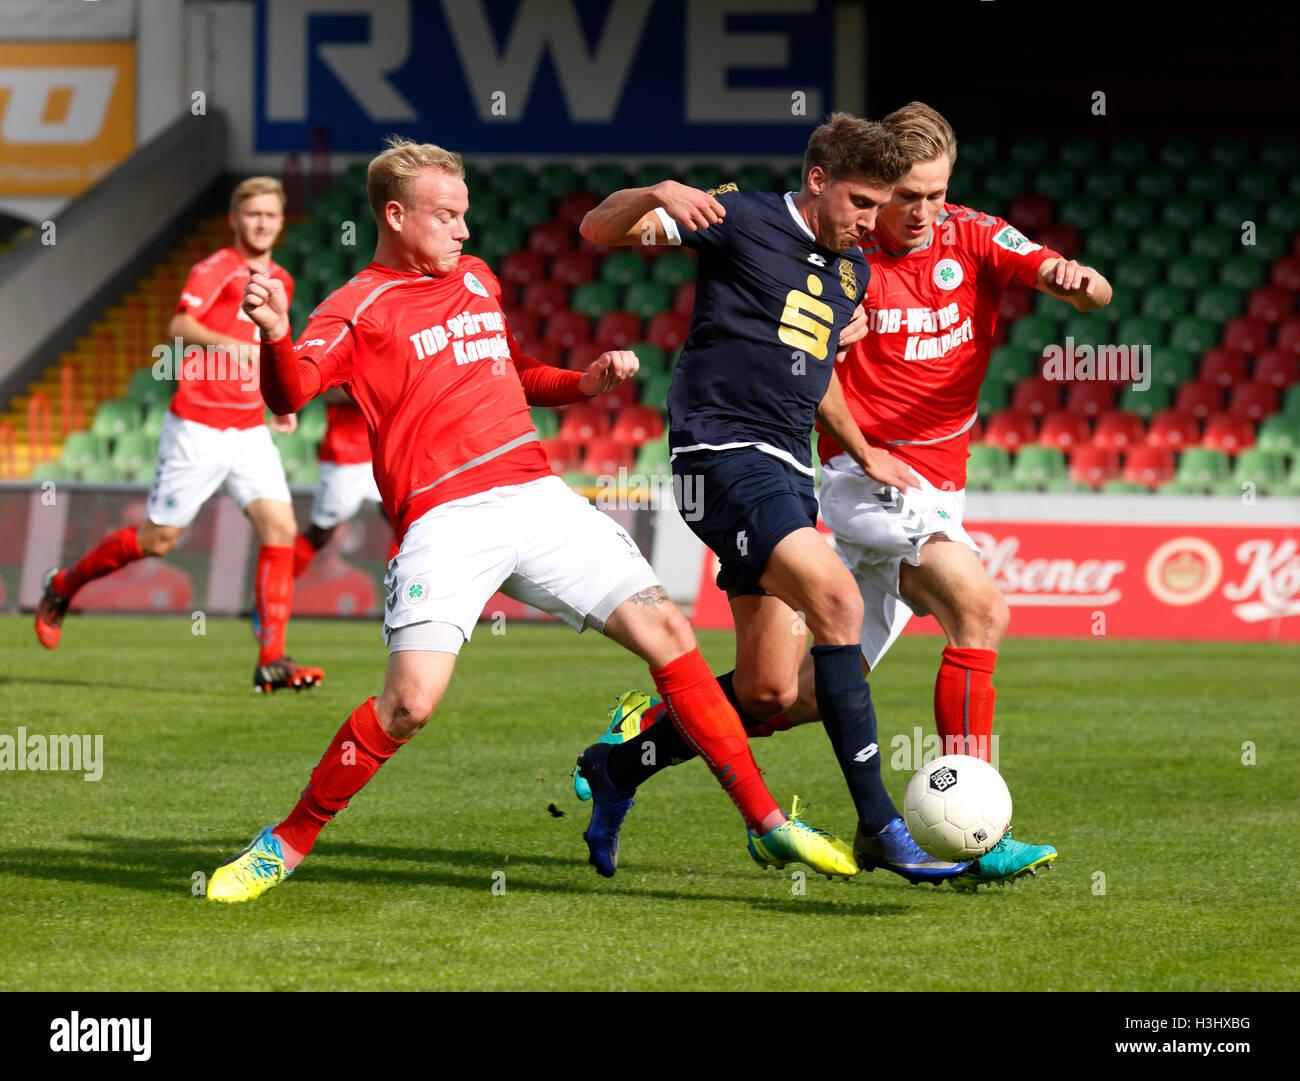 sports, football, Regional League West, 2016/2017, Rot Weiss Oberhausen versus Bonner SC 5:1, Stadium Niederrhein Stock Photo